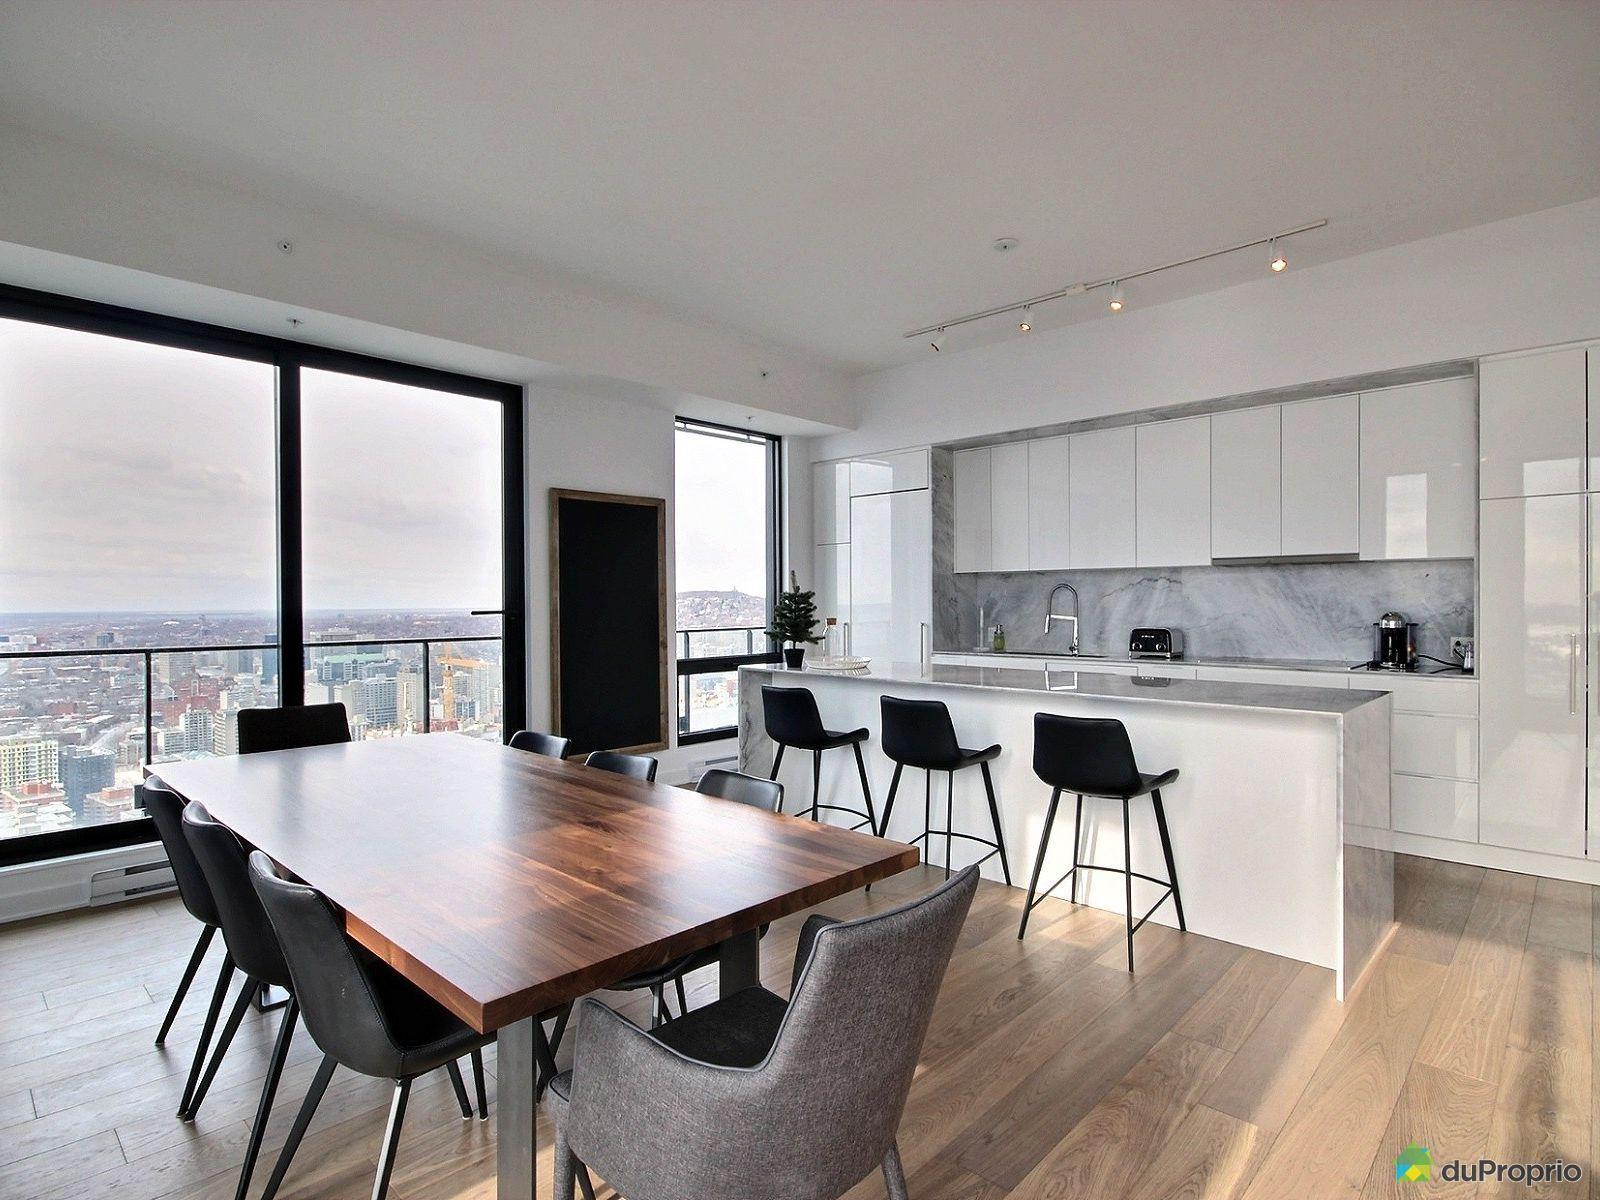 wow belle cuisine moderne blanche avec des comptoirs en marbre blanc tr s belle armoire. Black Bedroom Furniture Sets. Home Design Ideas